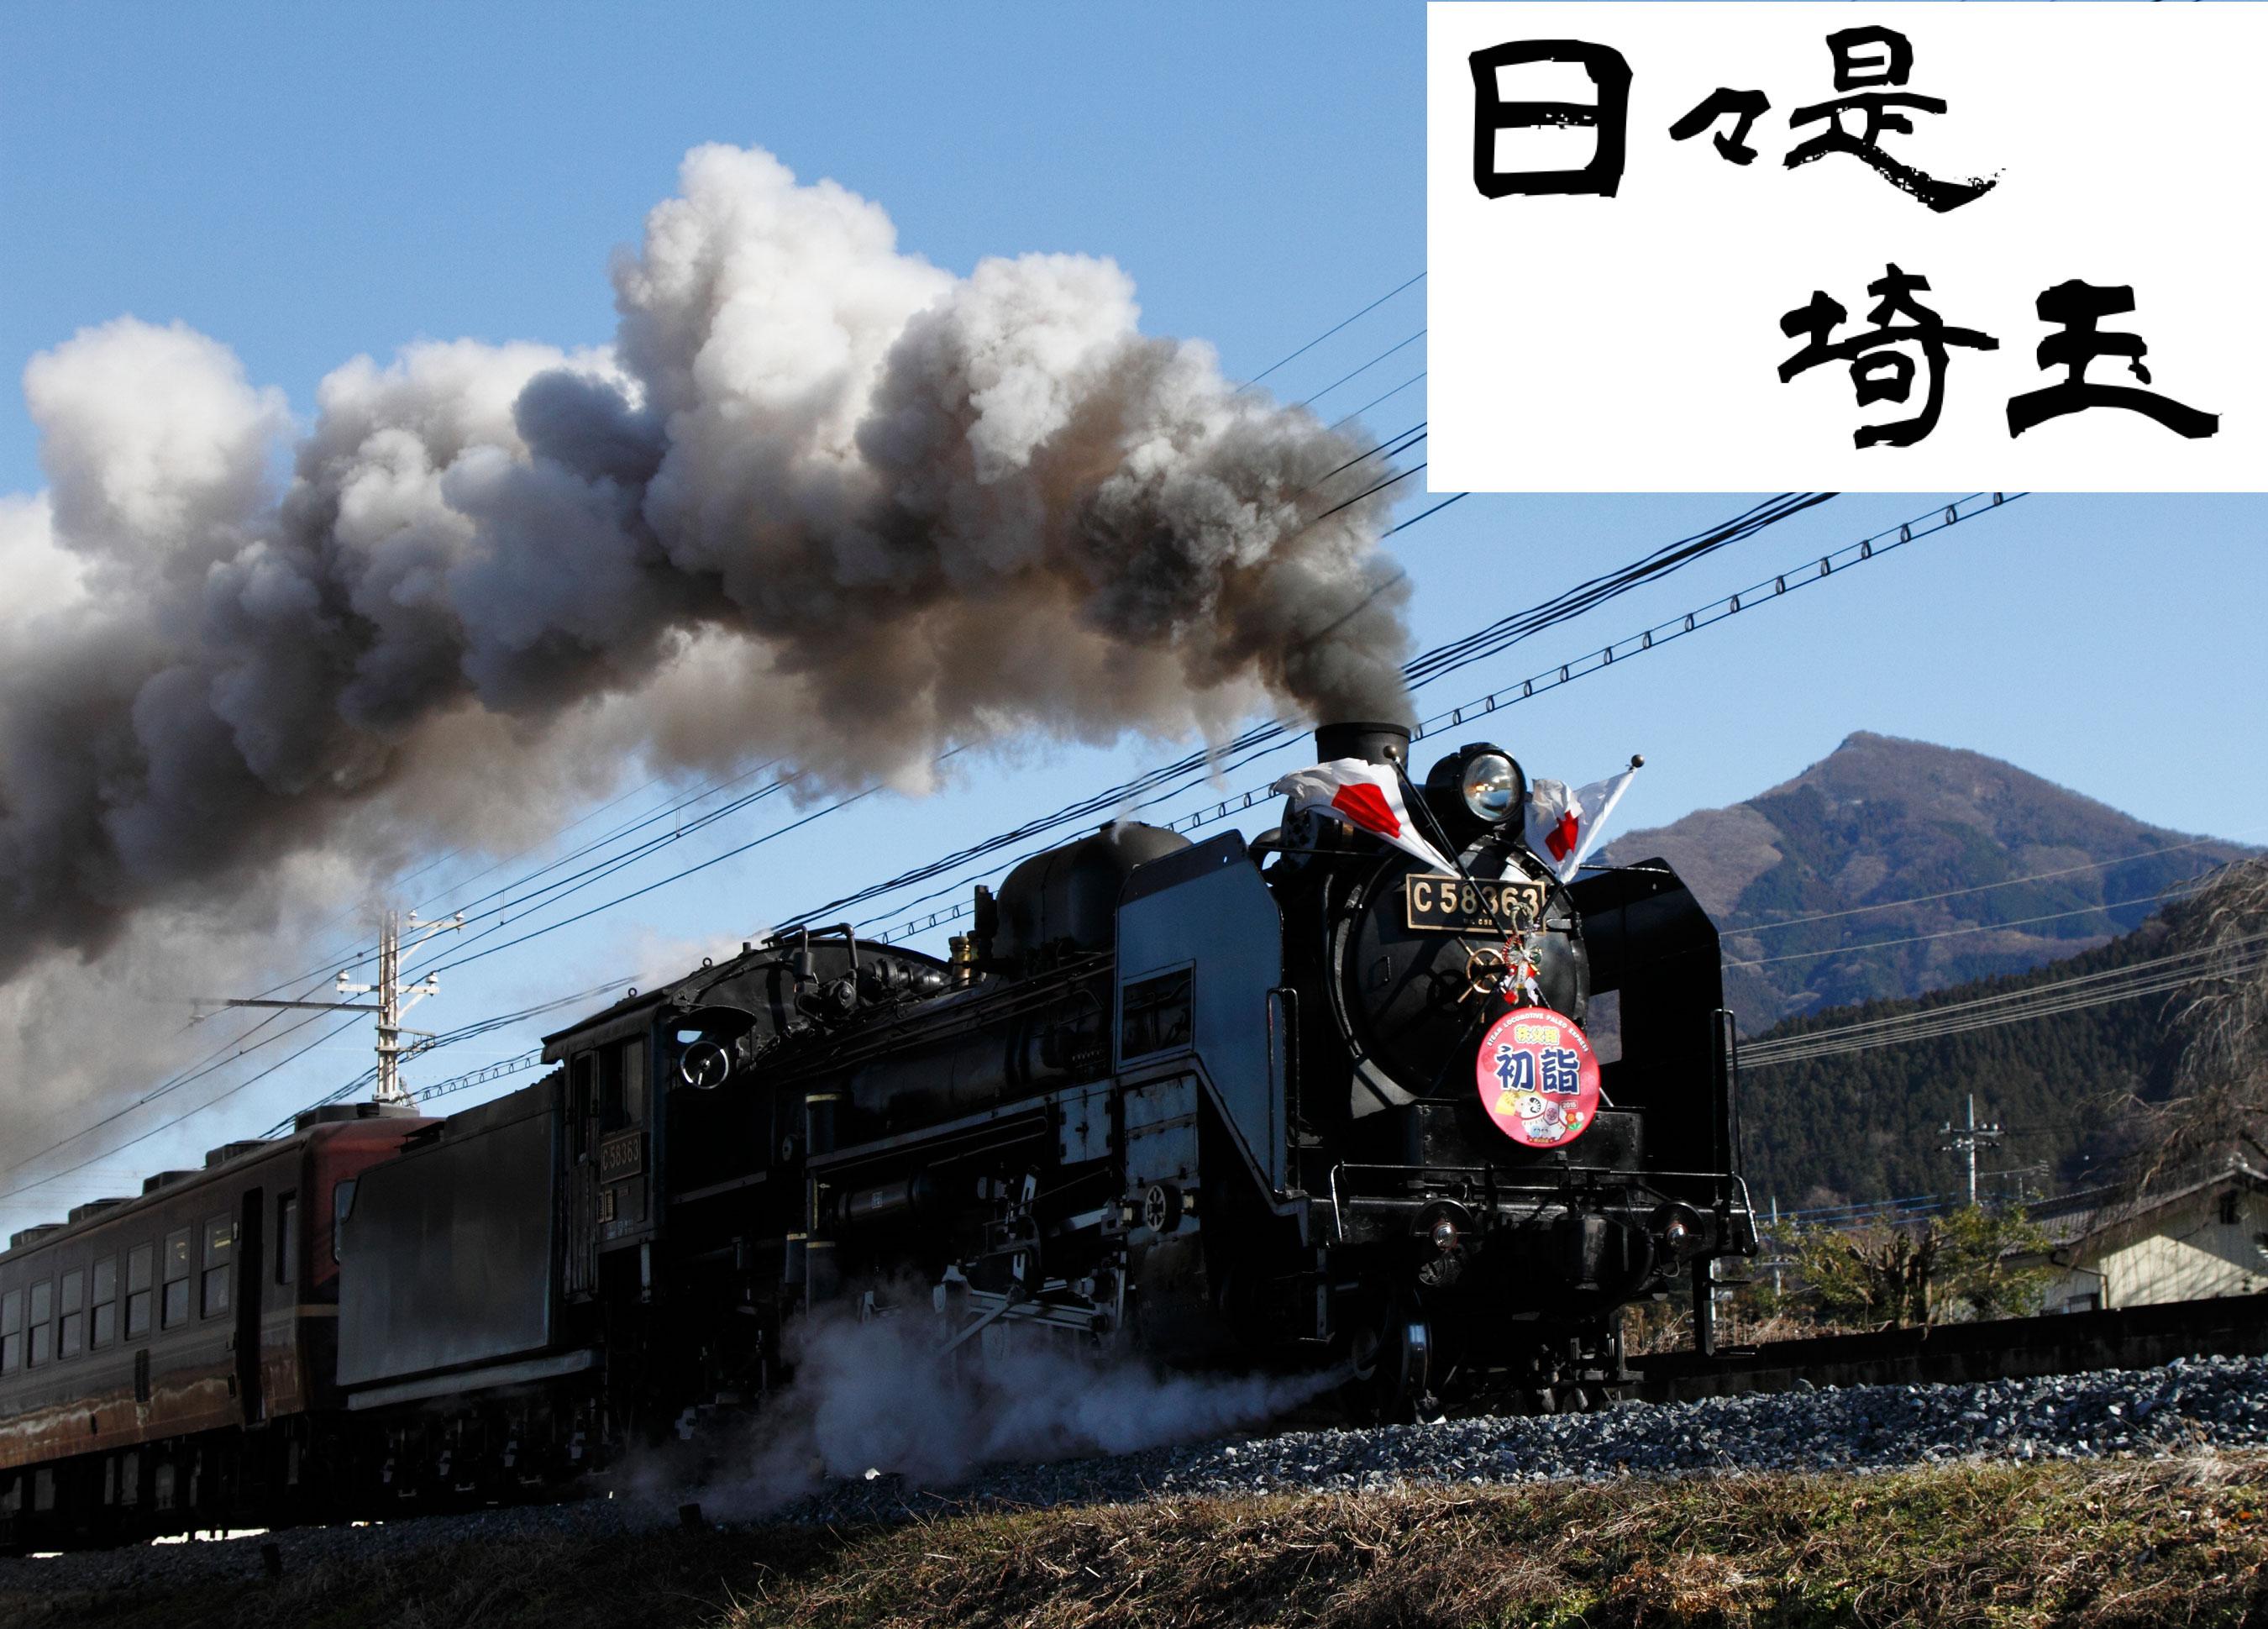 【日々是埼玉 2018/12/19】2年ぶりの特別運転!秩父鉄道「SLパレオエクスプレス」華麗に復活